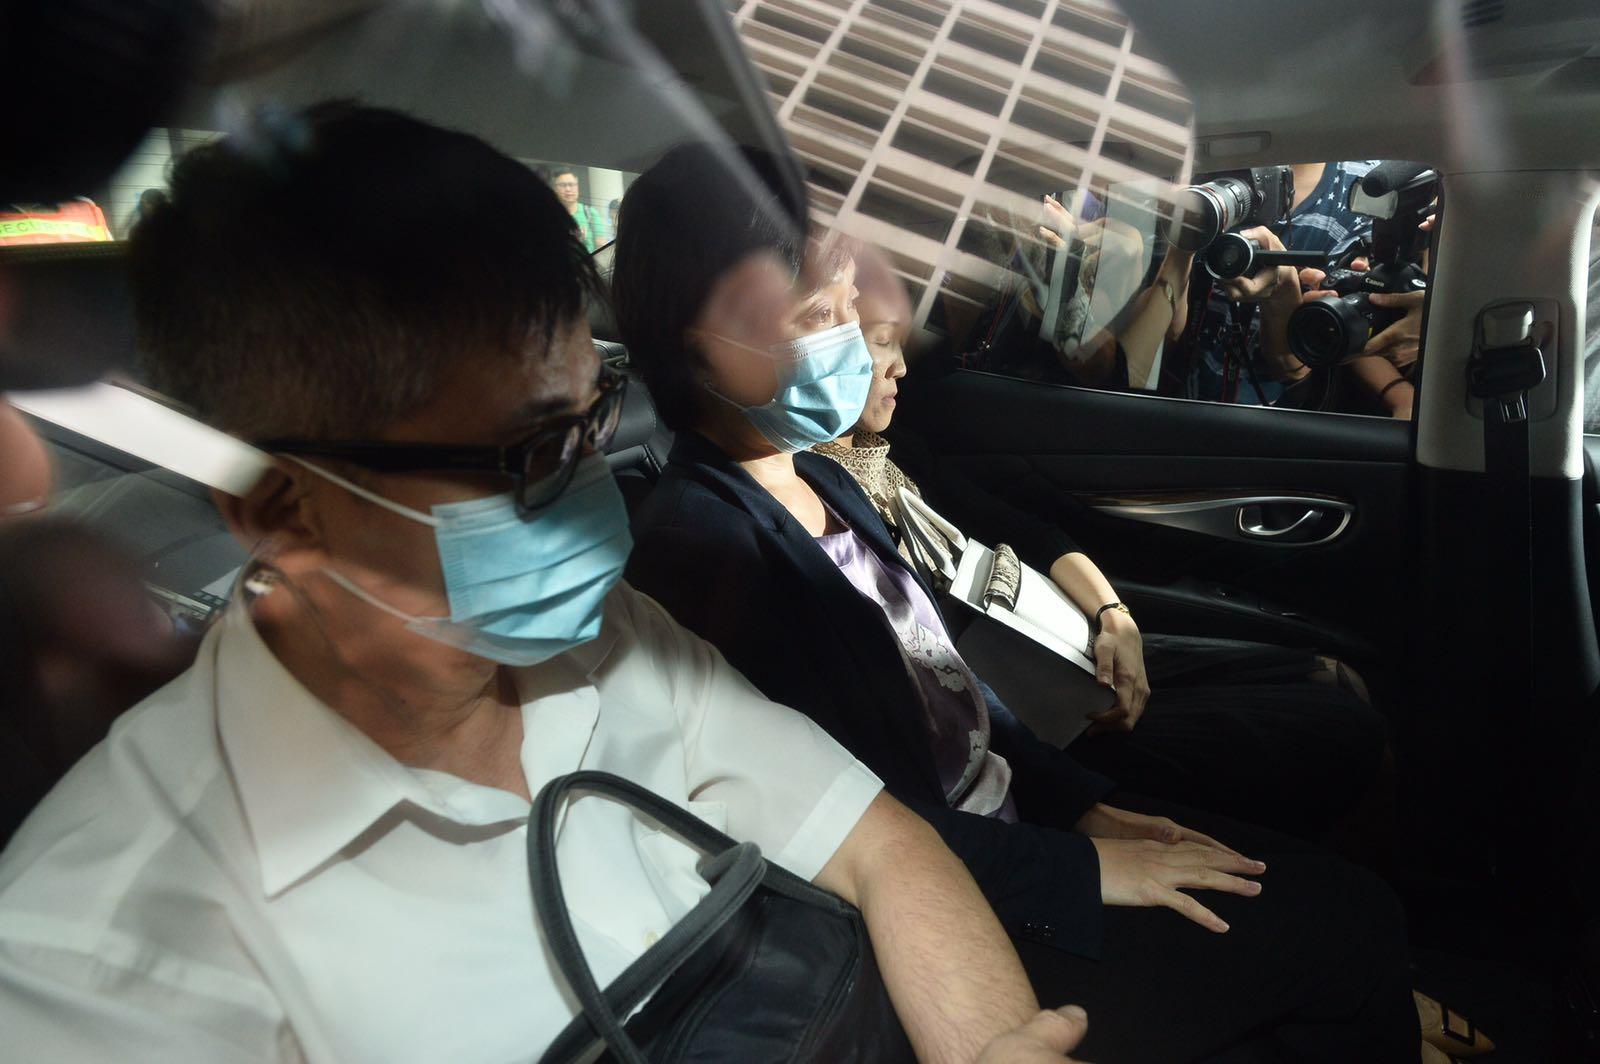 蔡若蓮(中)趕至醫院了解後離開。